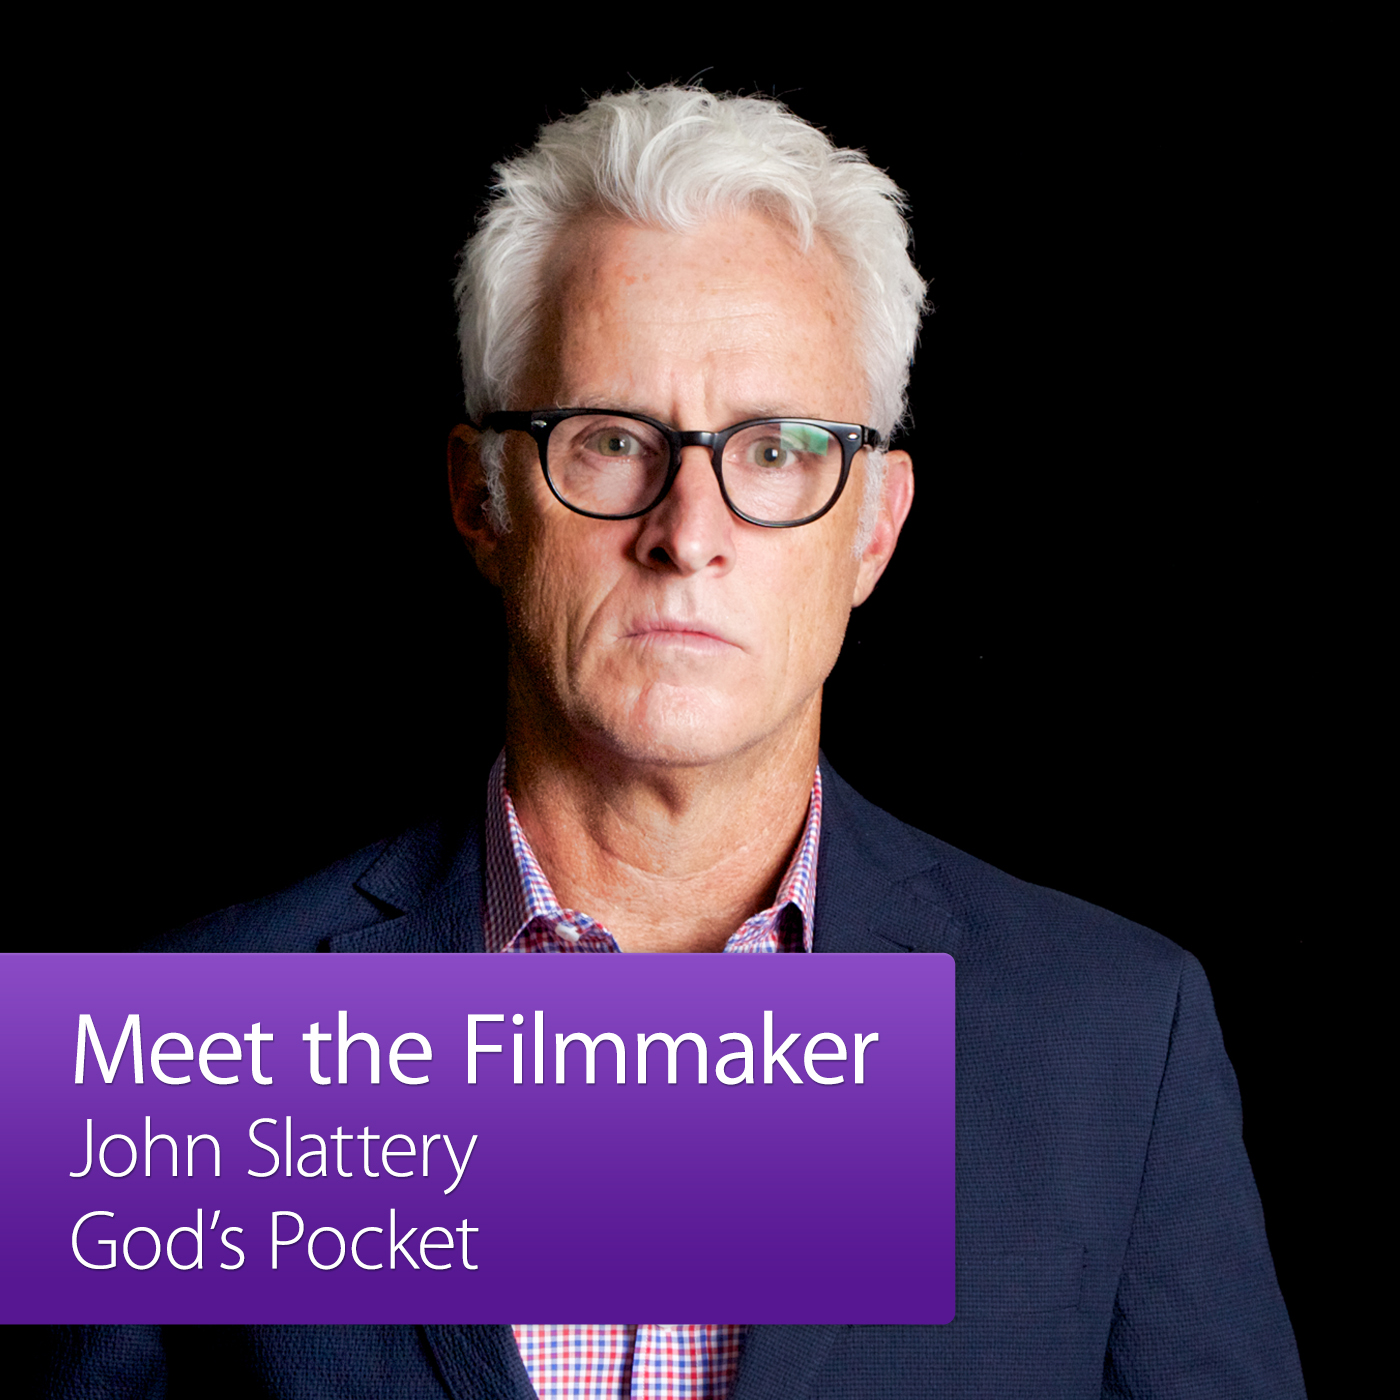 John Slattery: Meet the Filmmaker